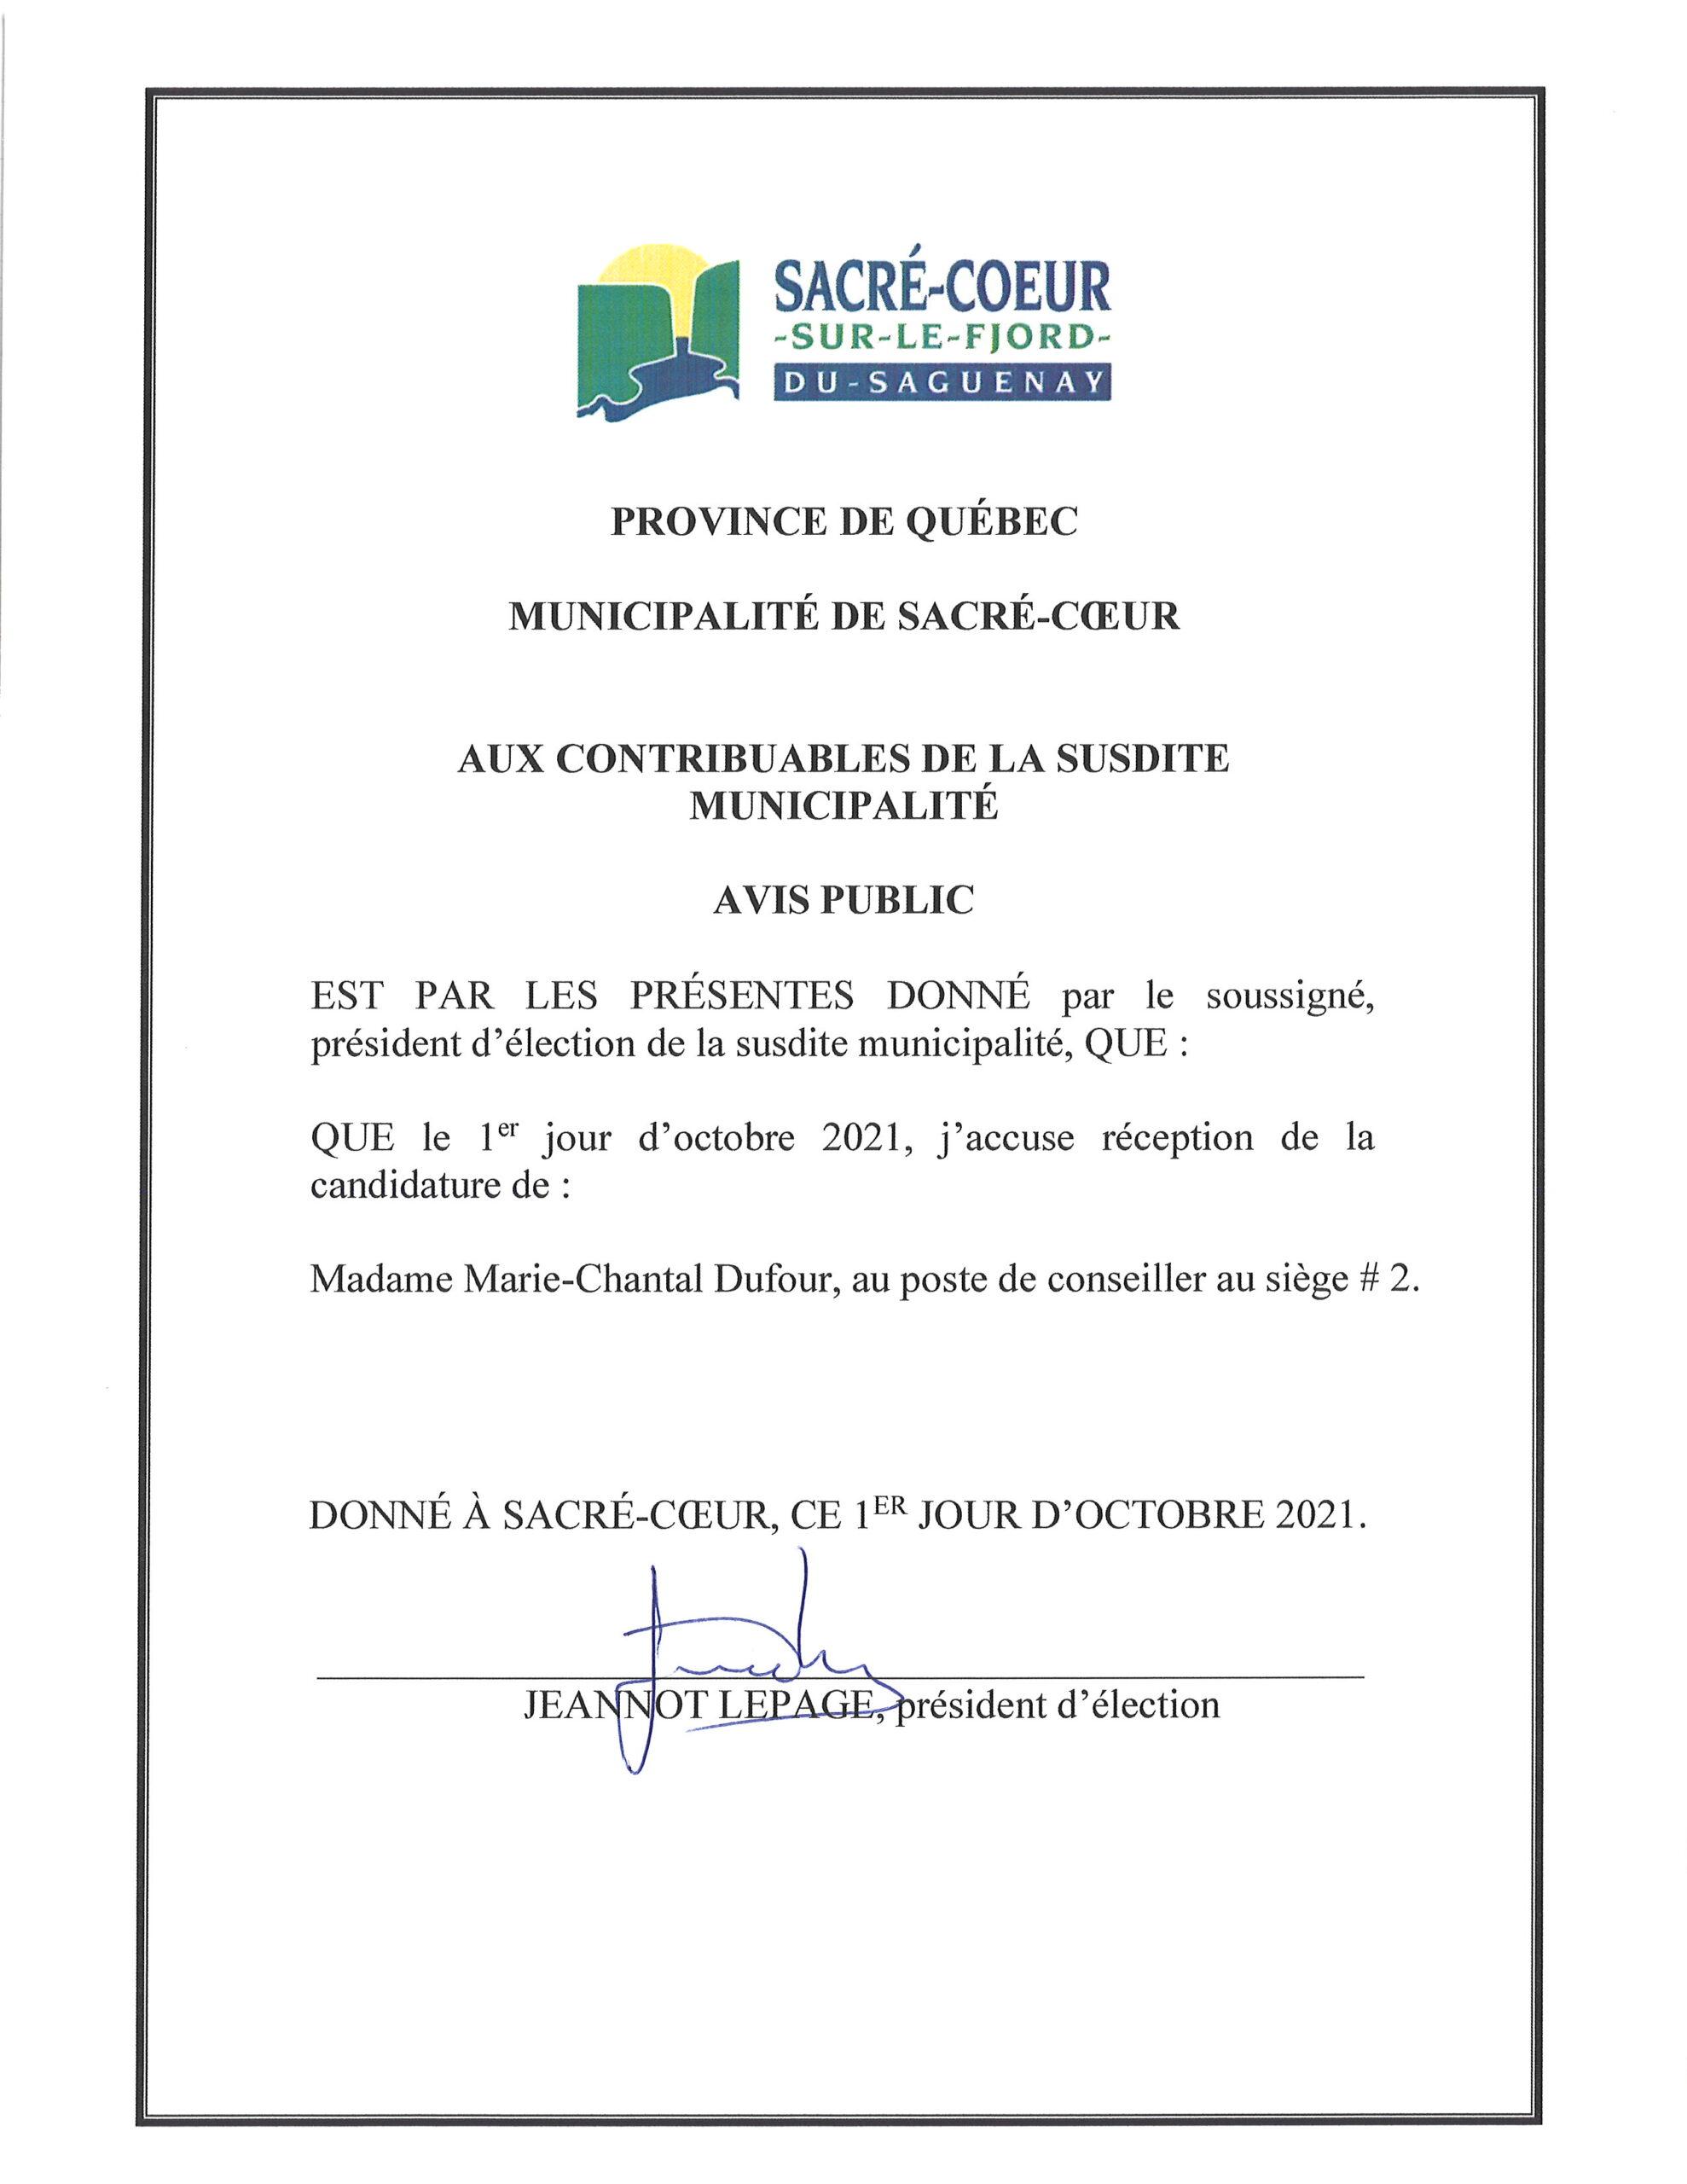 M-C dufour